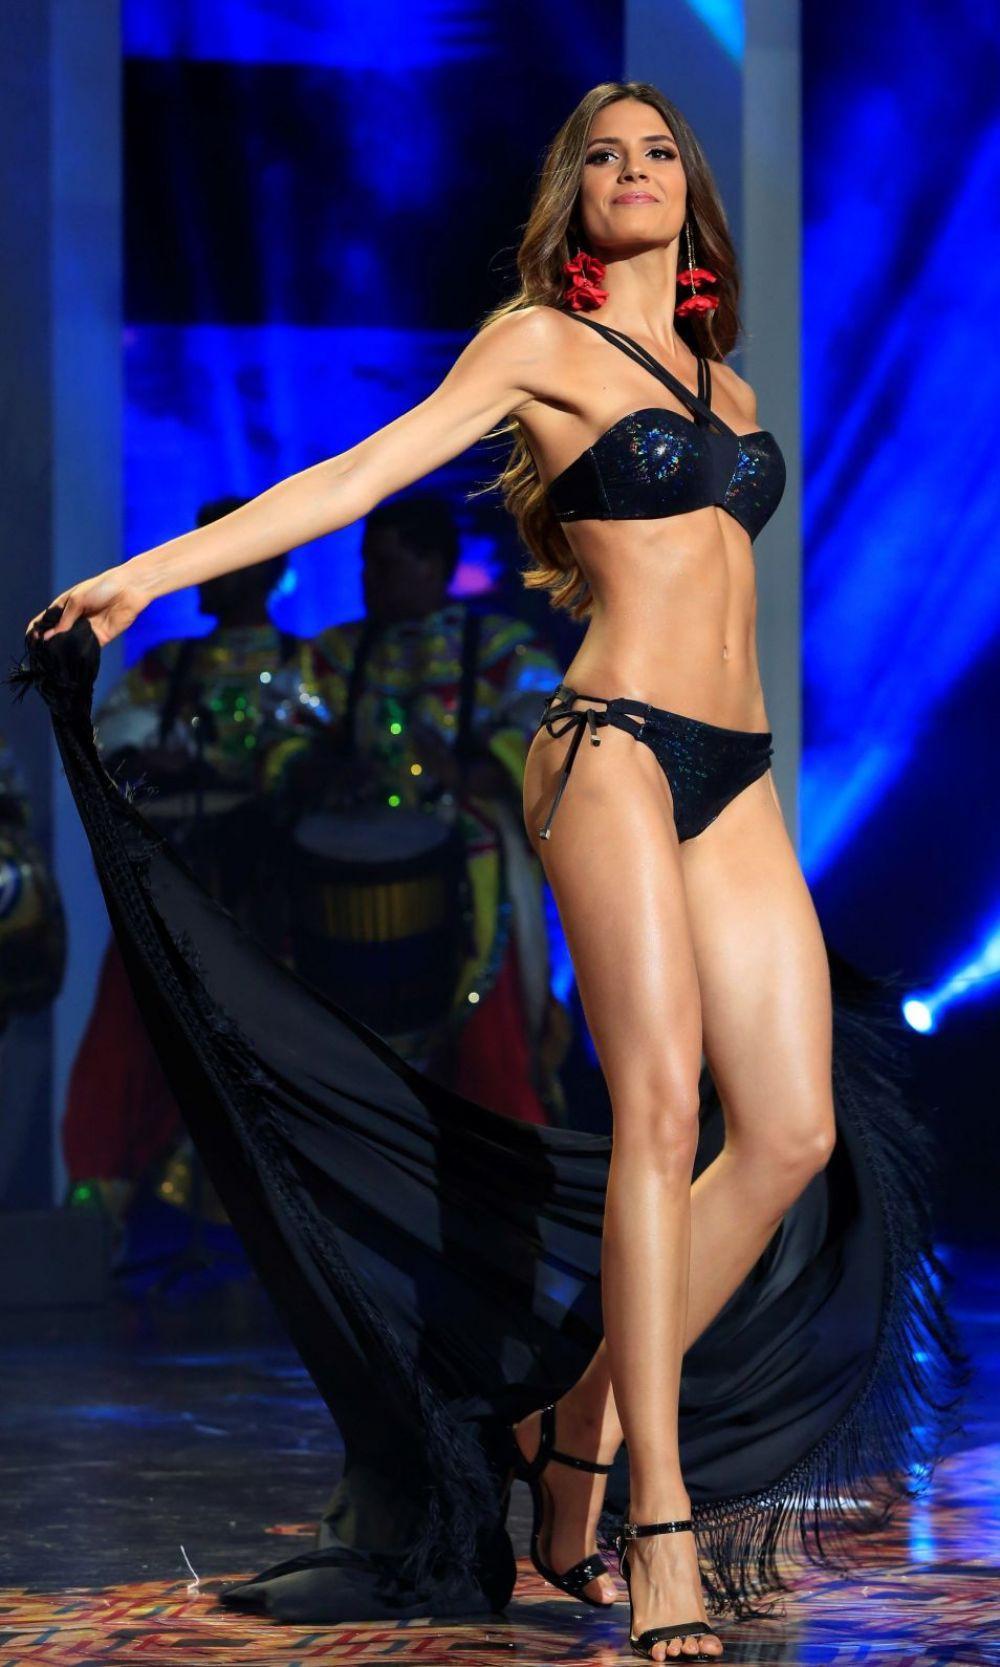 Đối thủ Hoàng Thùy tại Miss Universe 2019: Từ cơ bụng 6 múi đến thành tích cực khủng đủ sức nuốt chửng bất cứ người đẹp nào! - Ảnh 13.